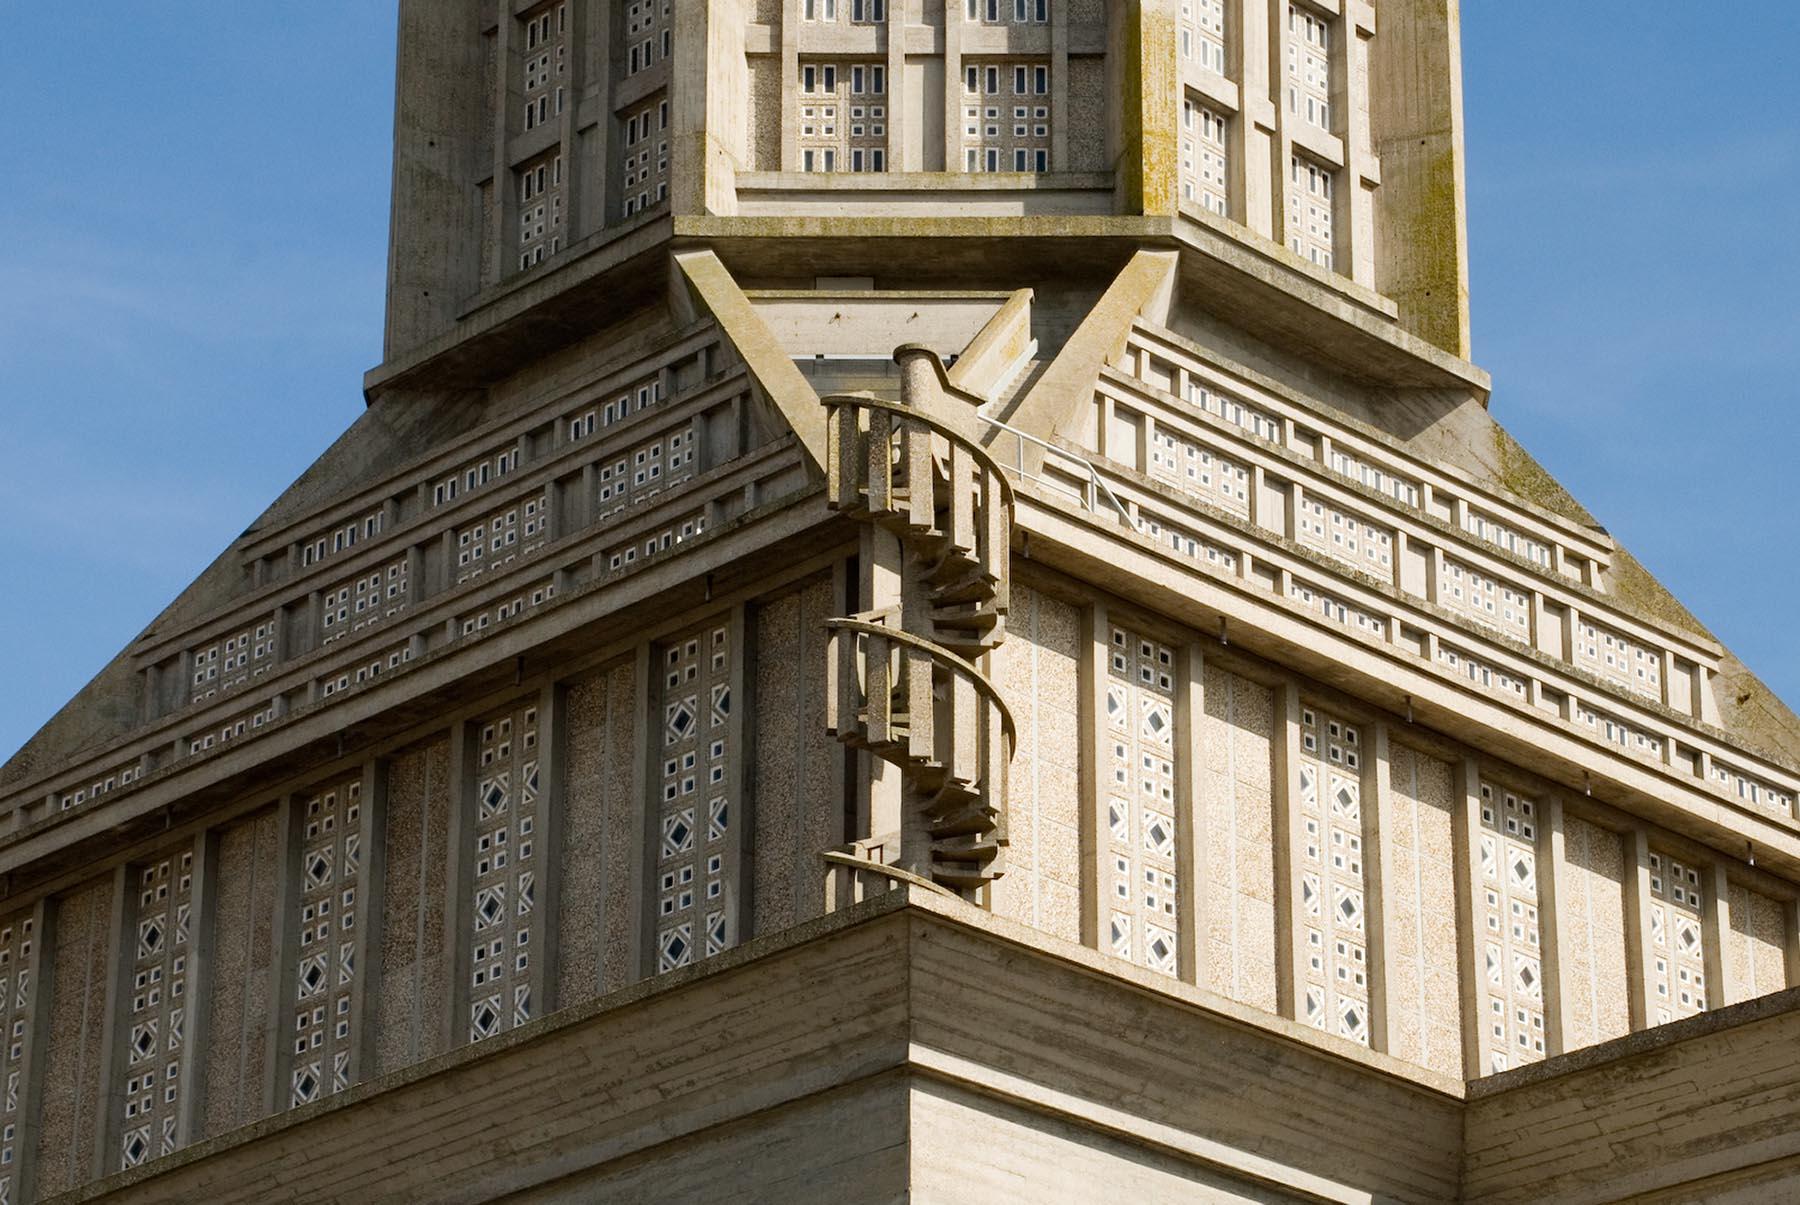 Église Saint-Joseph du Havre. Perret verwirft die ornamentale Kunst zugunsten der Schlichtheit.